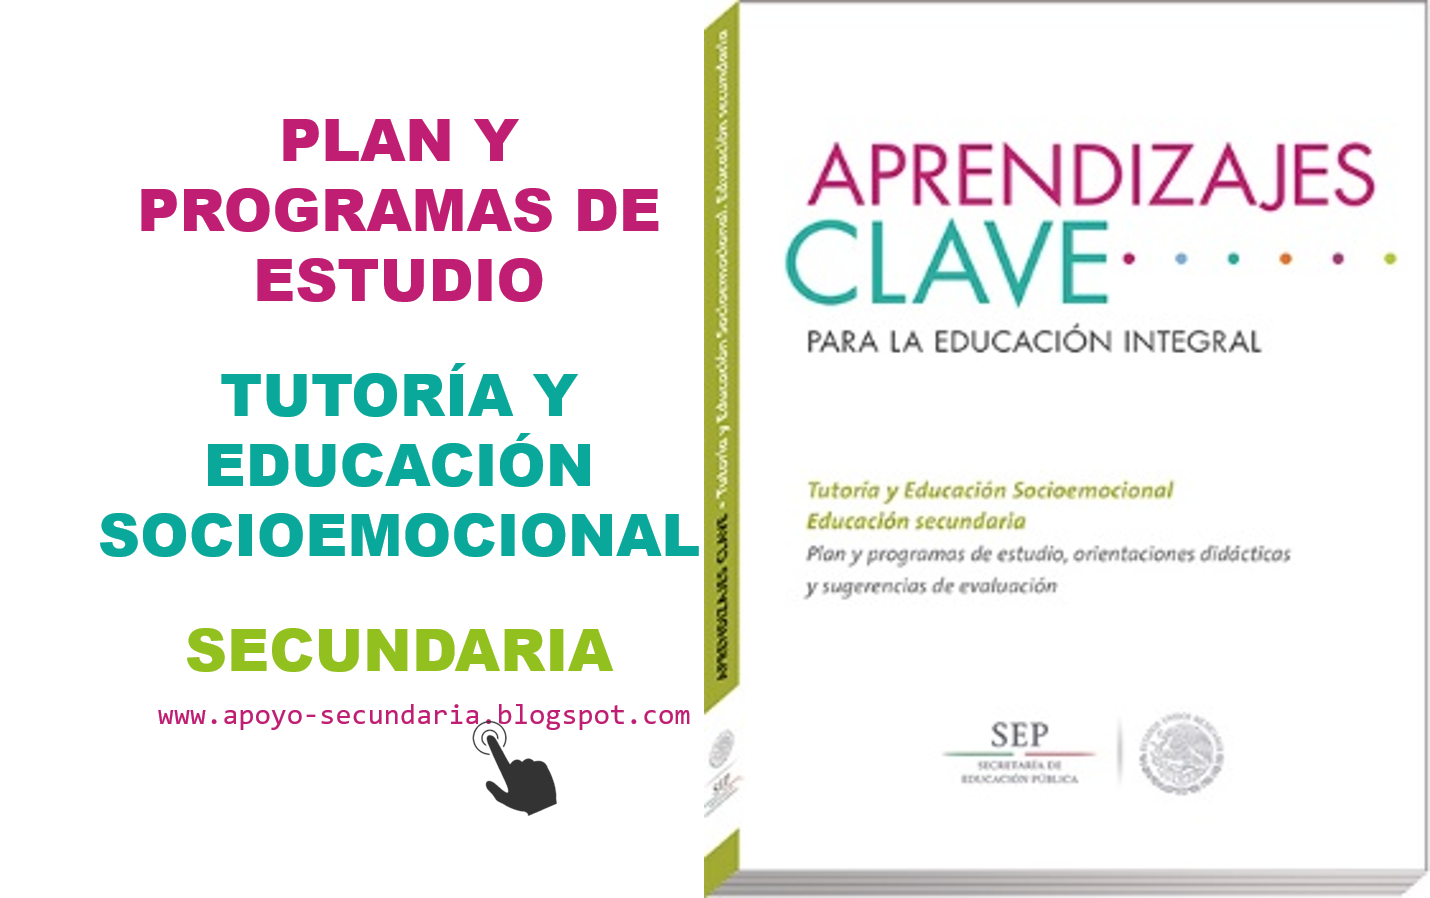 Plan y Programa de Estudio de Tutoría y Educación Socioemocional